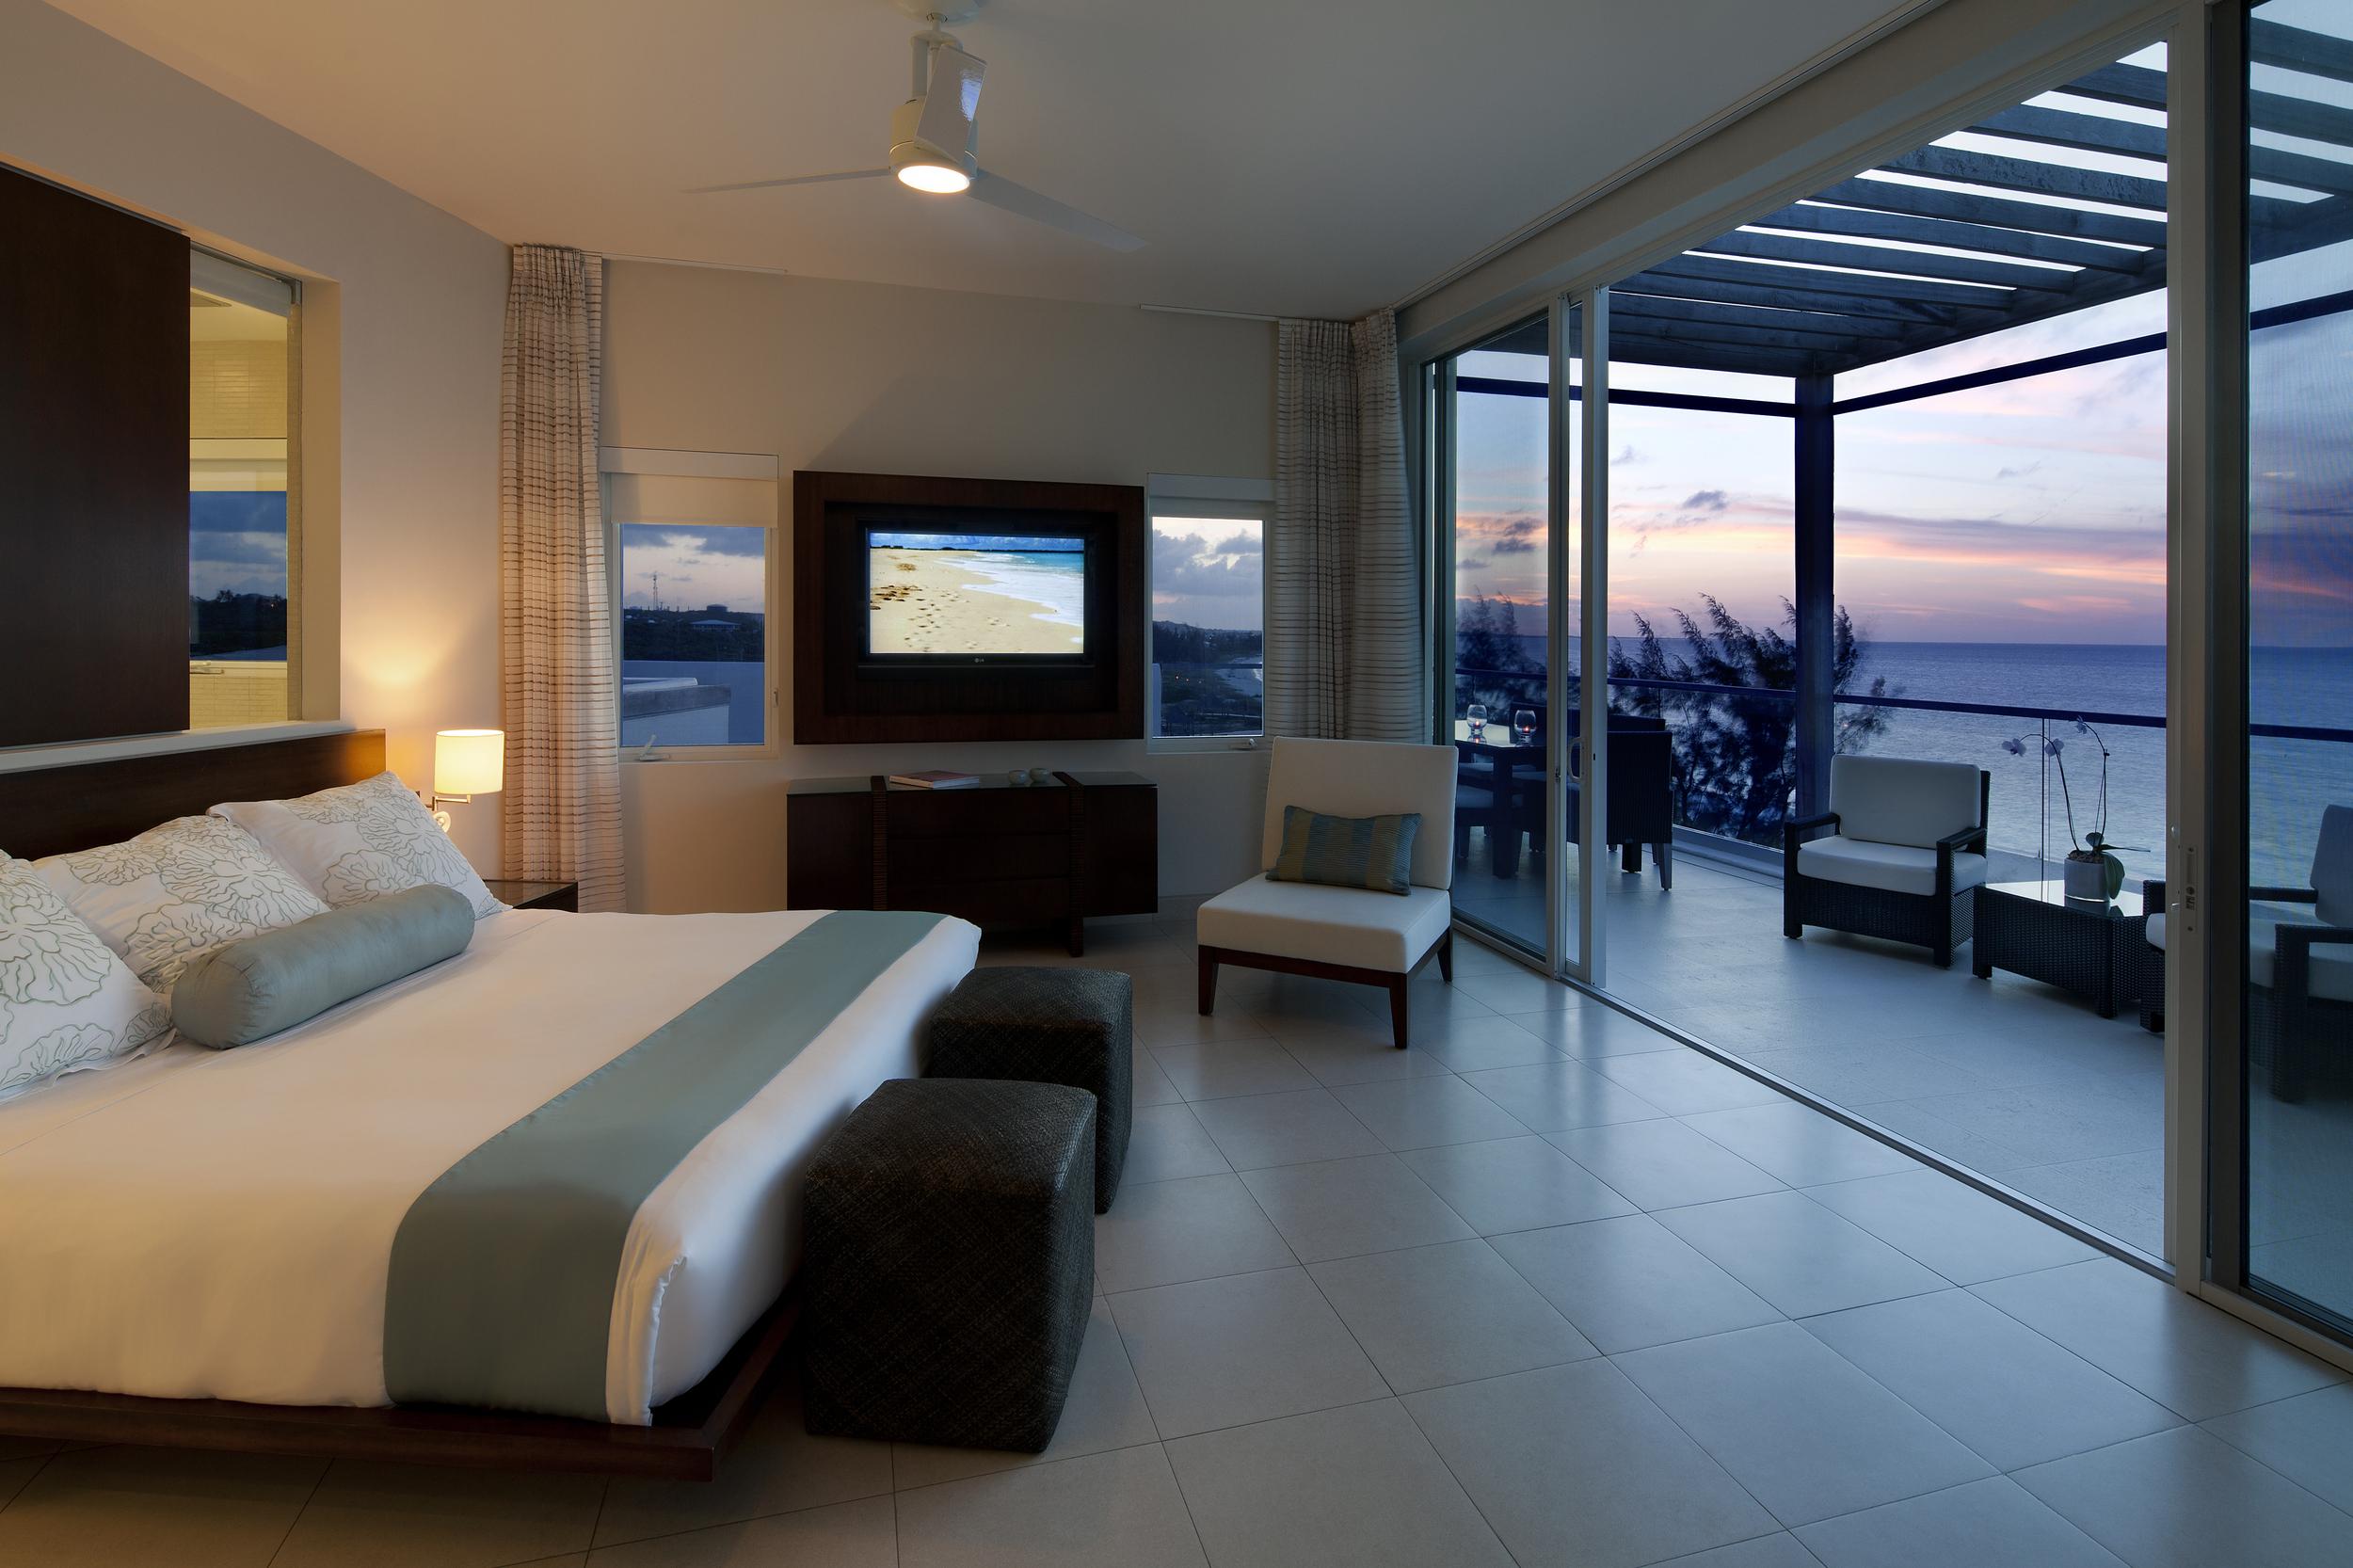 New Penthouse Master Bedroom Dusk.jpg